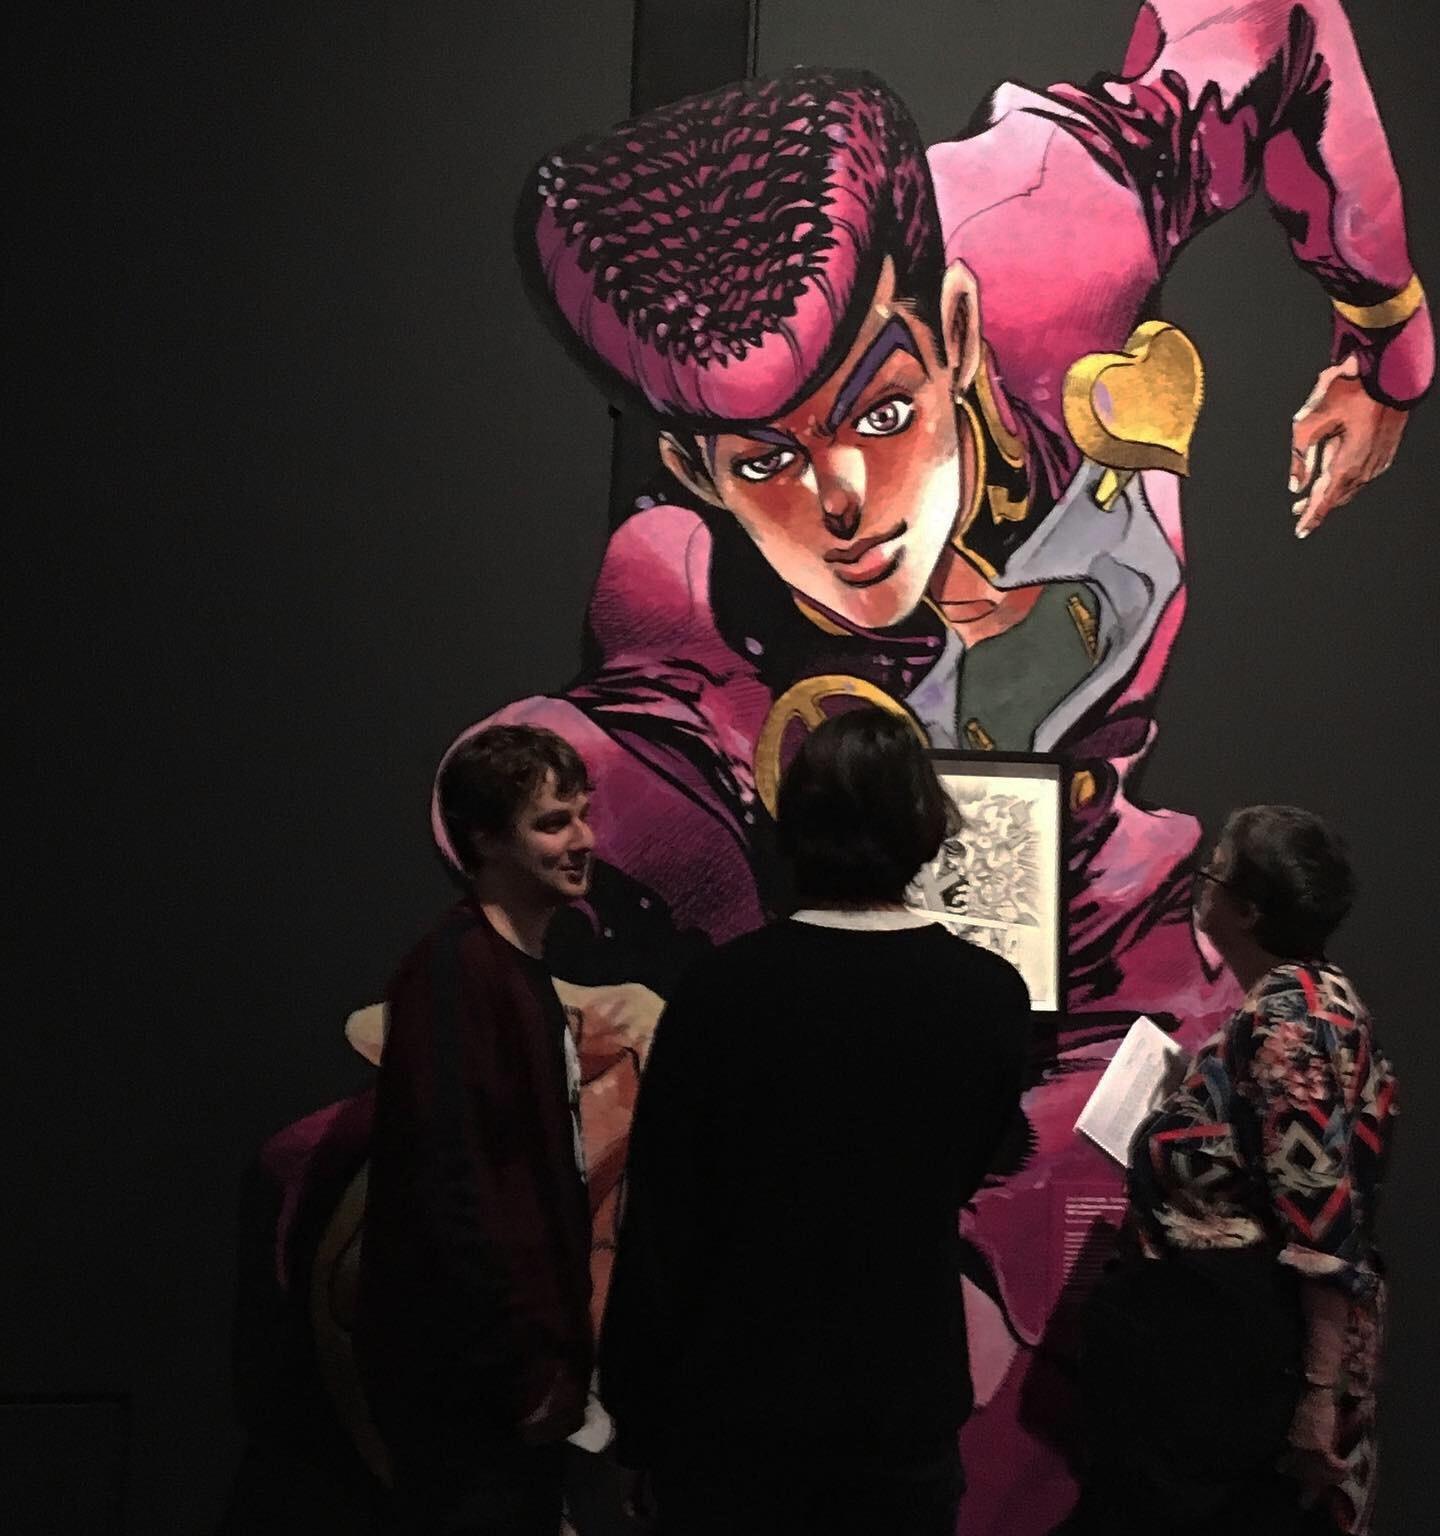 大英博物館の「マンガ展」へ。_1_1-8